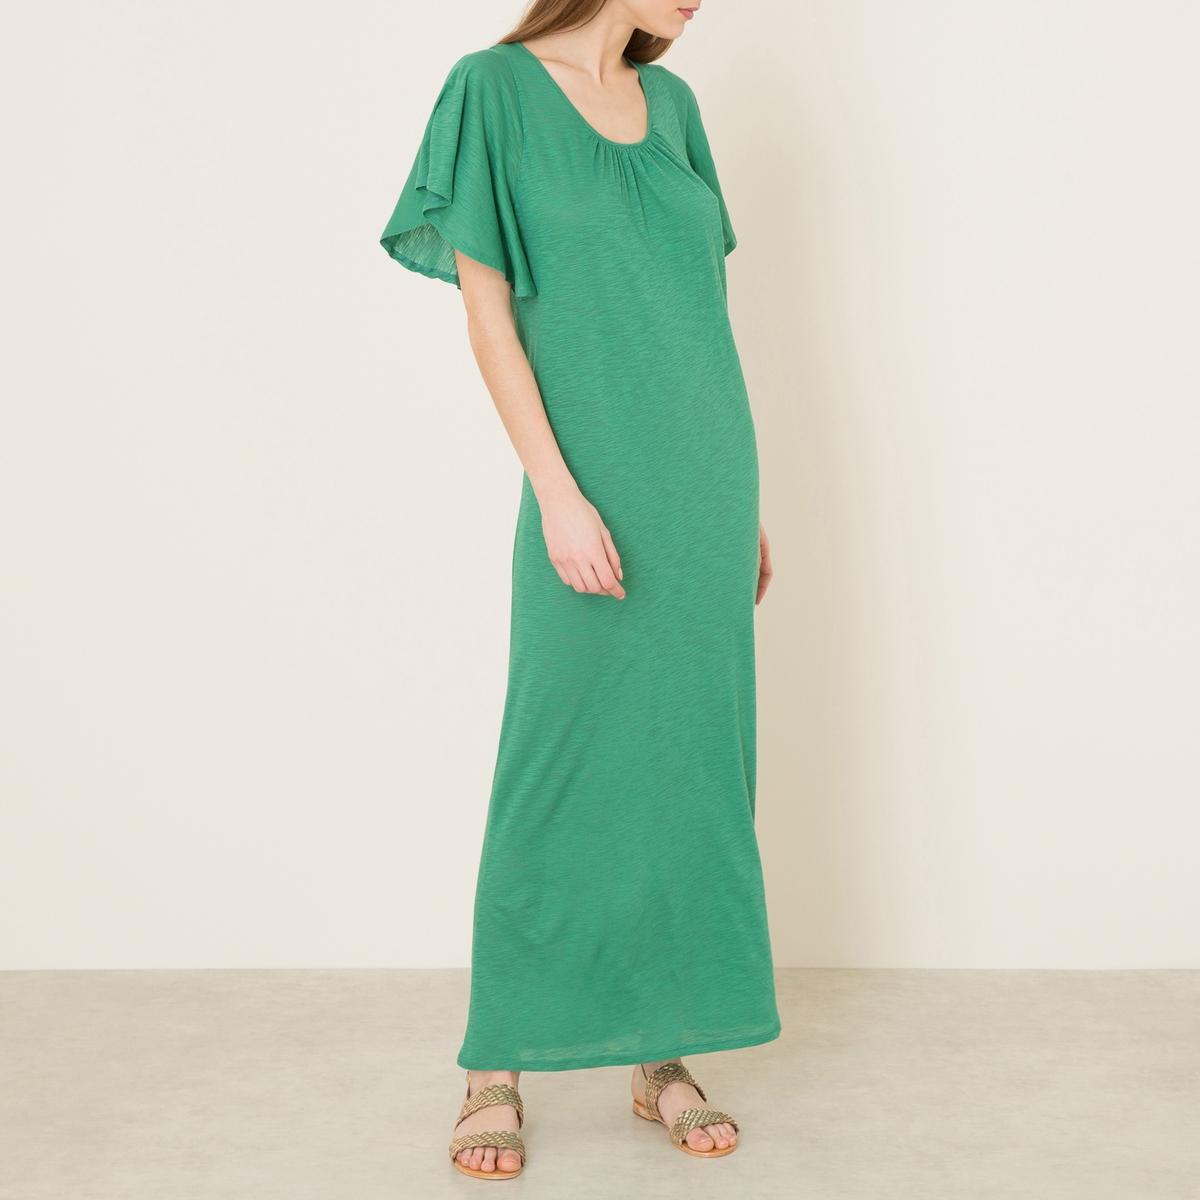 Платье CASABOПлатье длинное BA&amp;SH - модель CASABO из однотонной хлопковой вуали. Круглый вырез. Короткие рукава с воланами. Спинка с U-образным вырезом и завязками .Состав и описание    Материал : 100% хлопок   Марка : BA&amp;SH<br><br>Цвет: зеленый